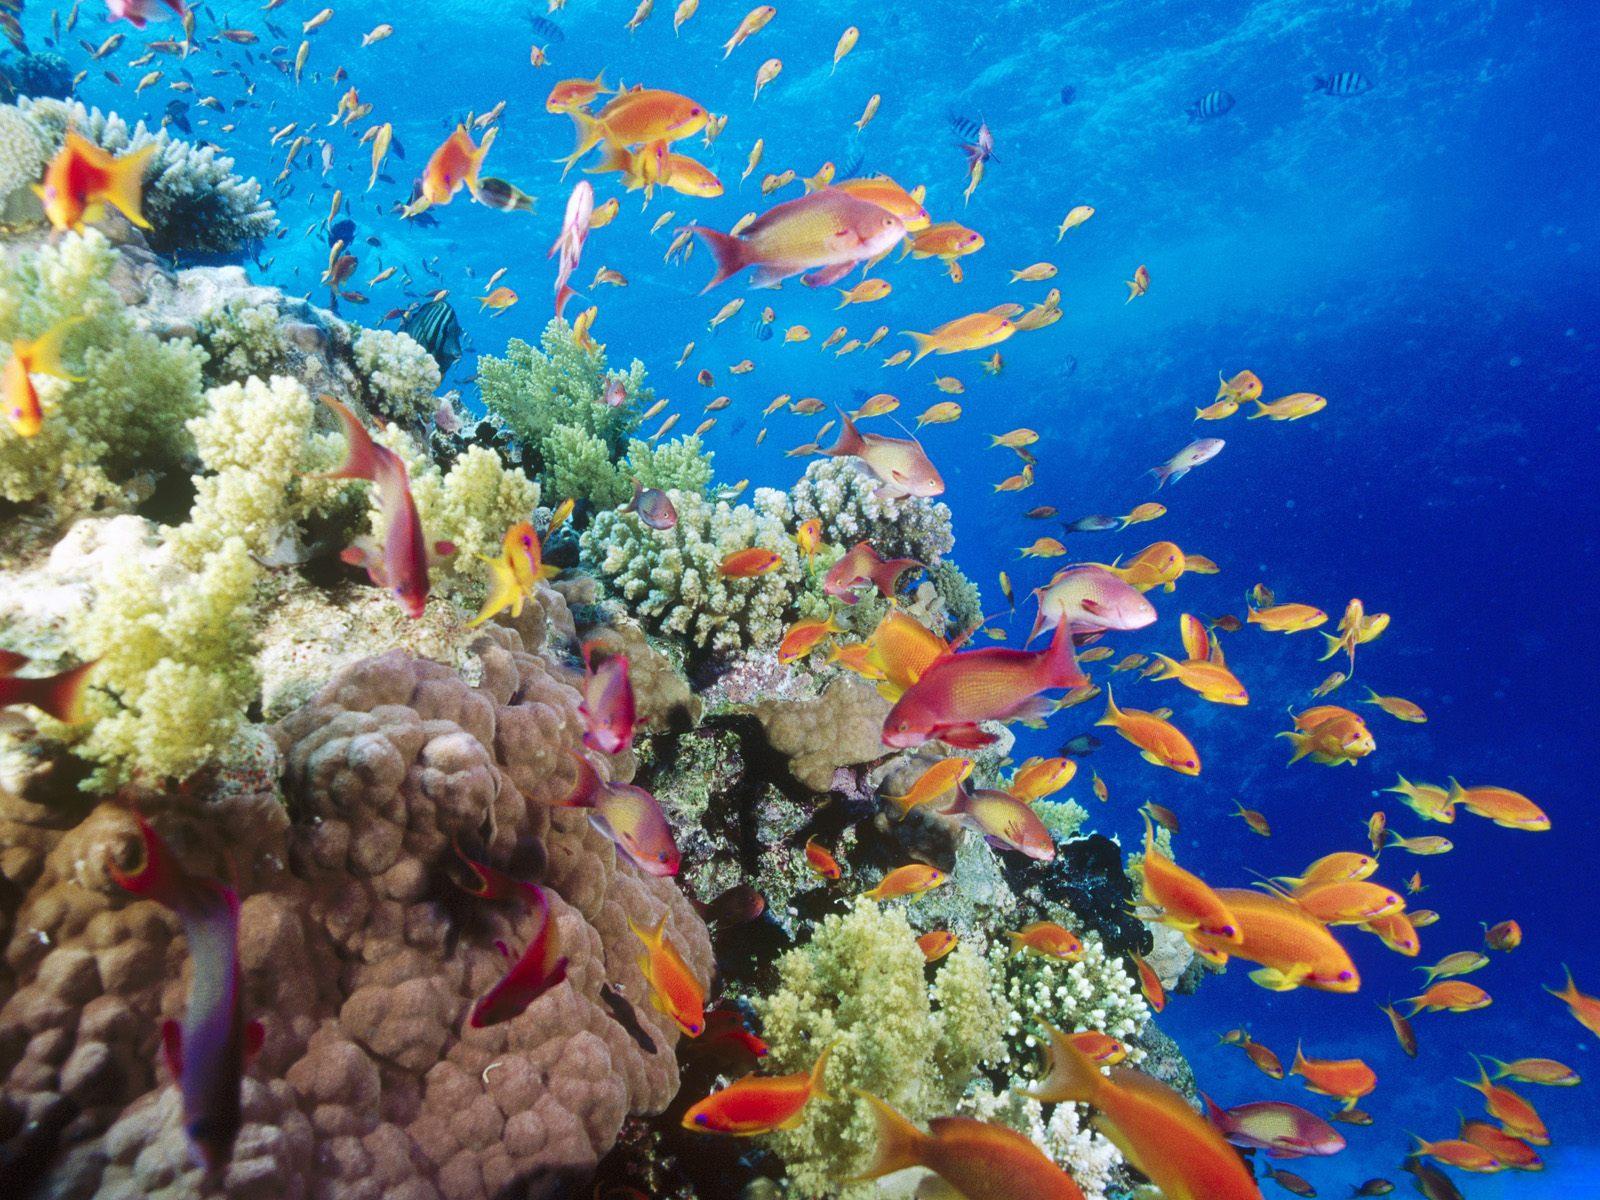 Underwater wallpaper 3d underwater wallpaper 3d underwater wallpaper